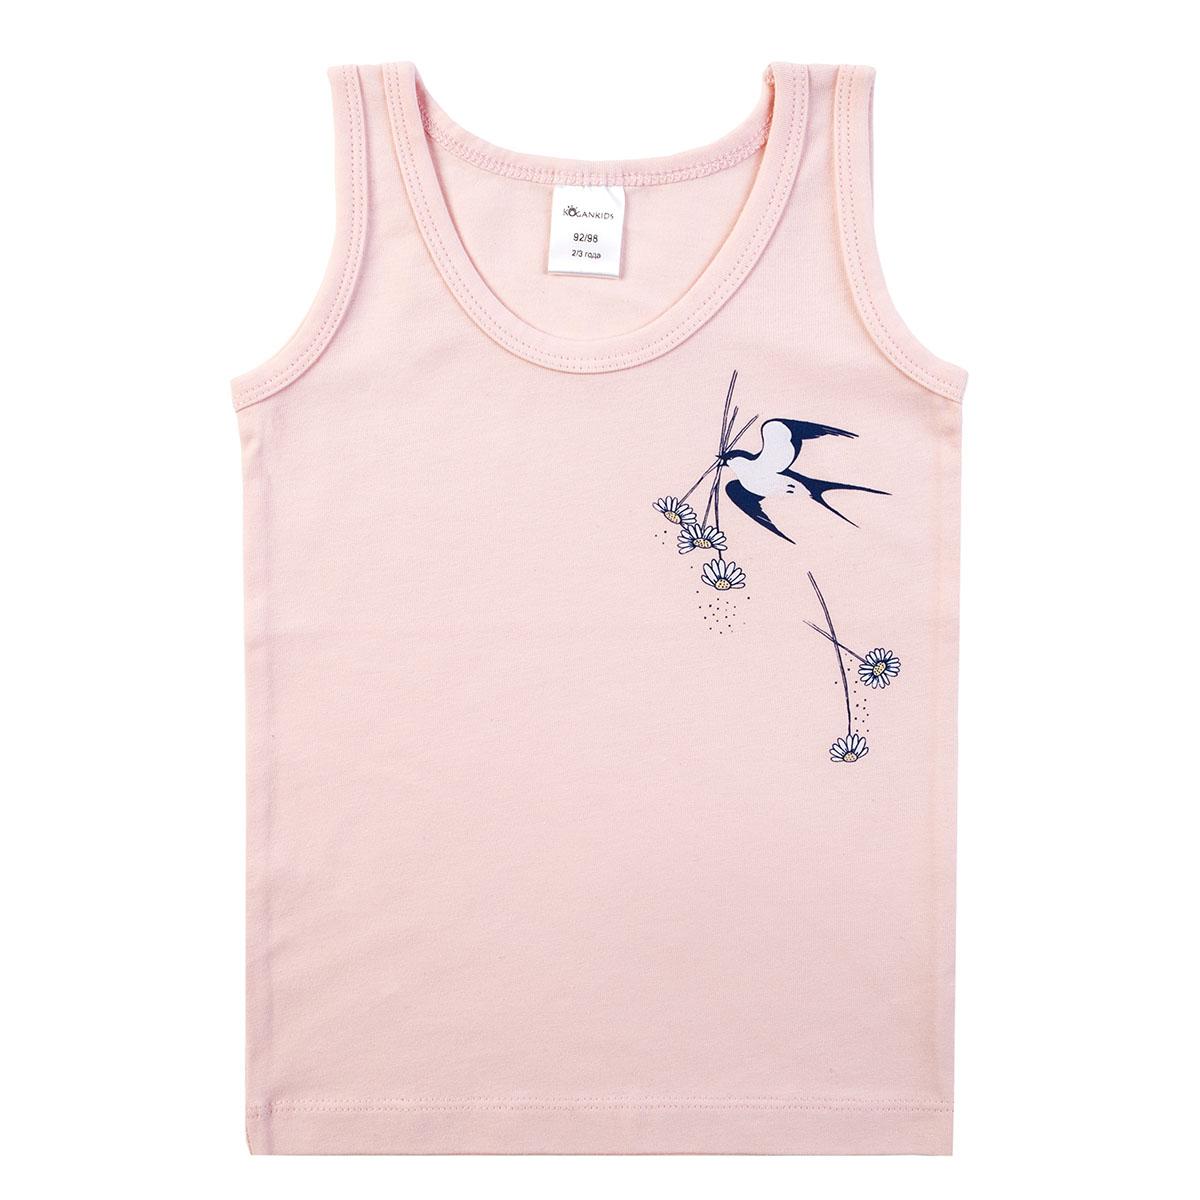 Розовая майка для девочки с принтом